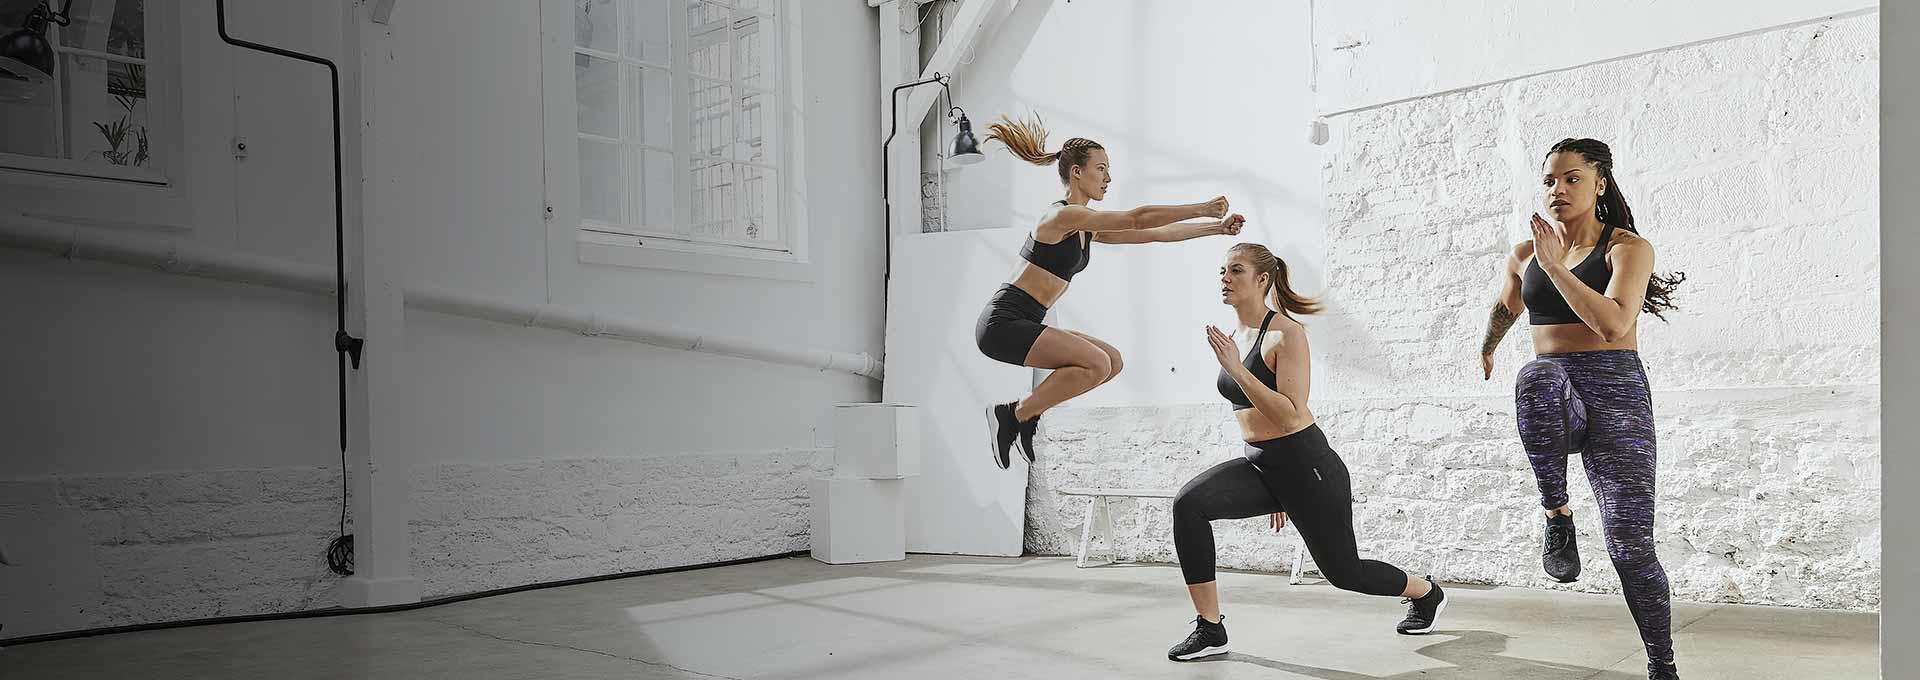 legging fitness, legging femme, legging taille haute